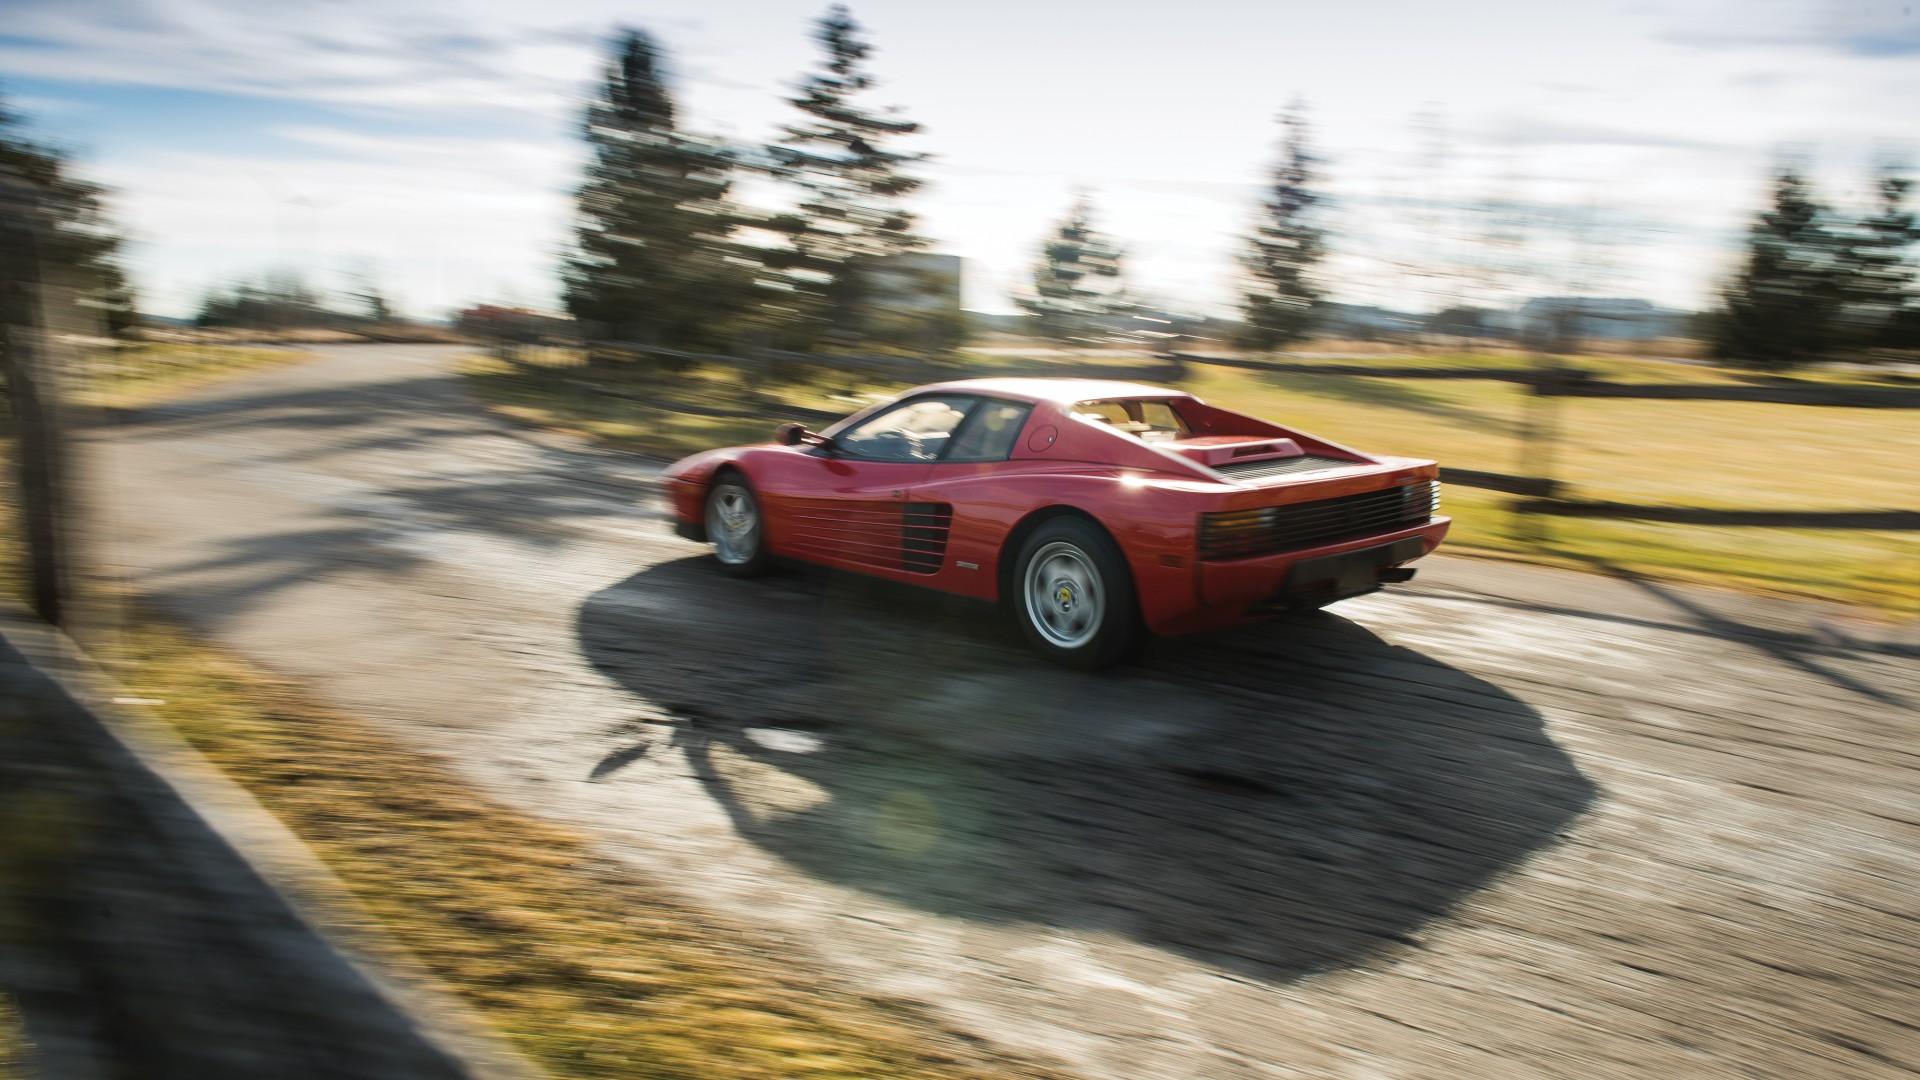 Ferrari Testarossa (1984-1991)